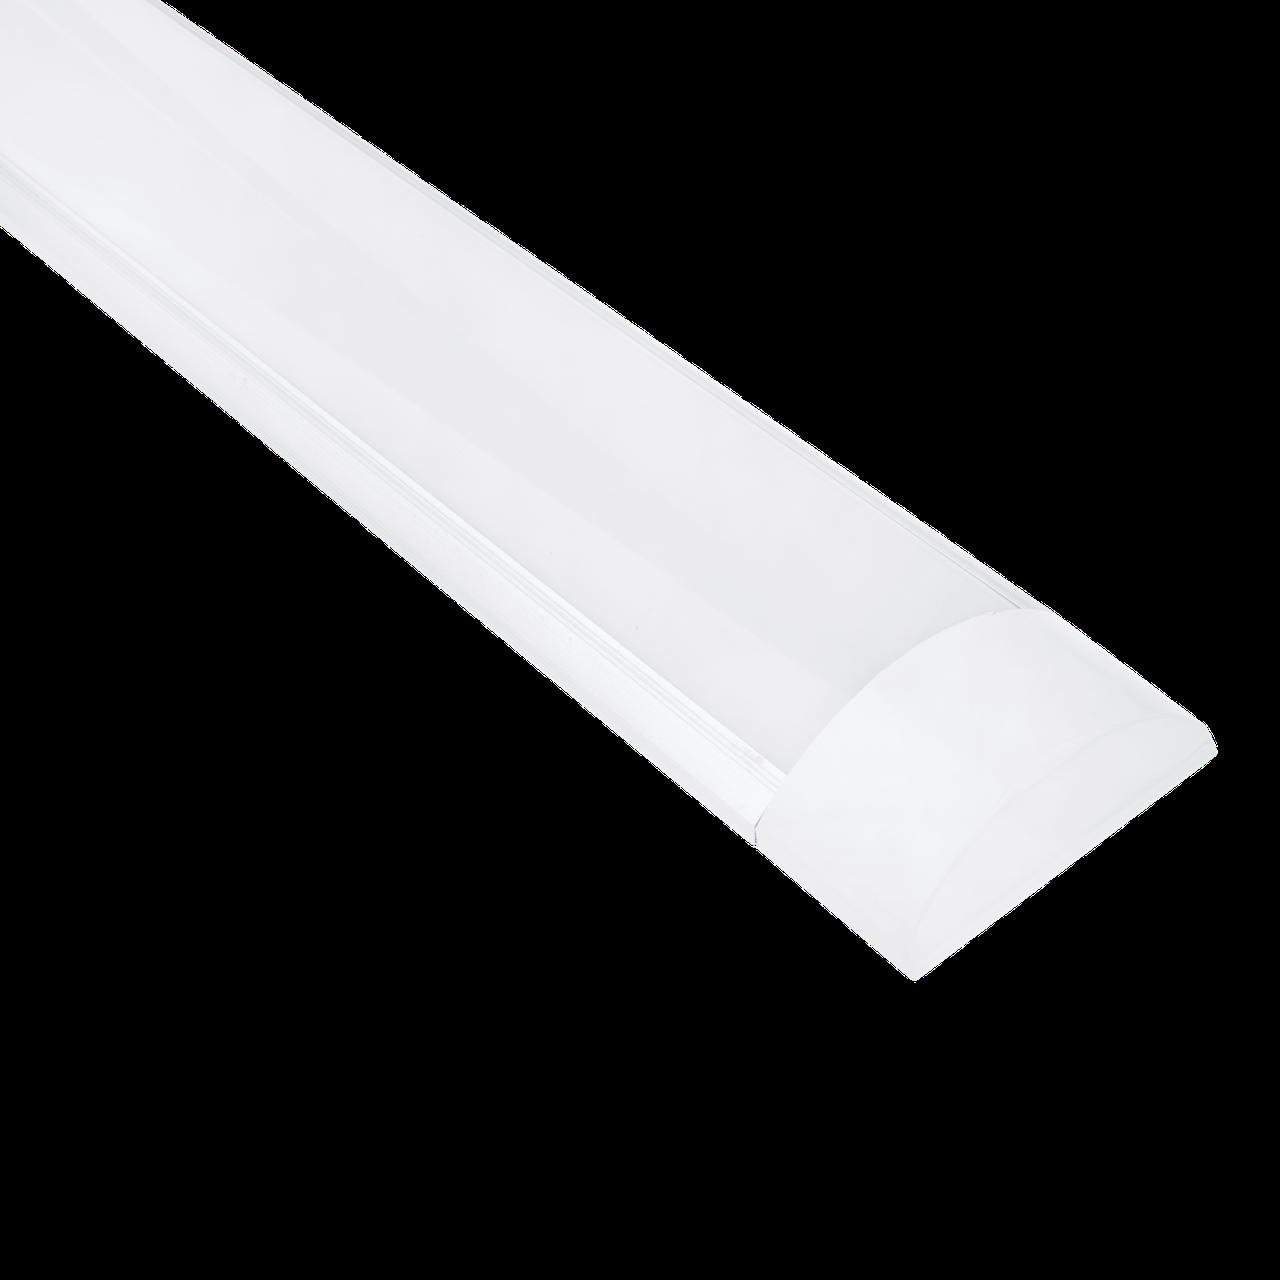 Светодиодный линейный светильник Ilumia 079 ML-36-L1200-NW 36W 4000К